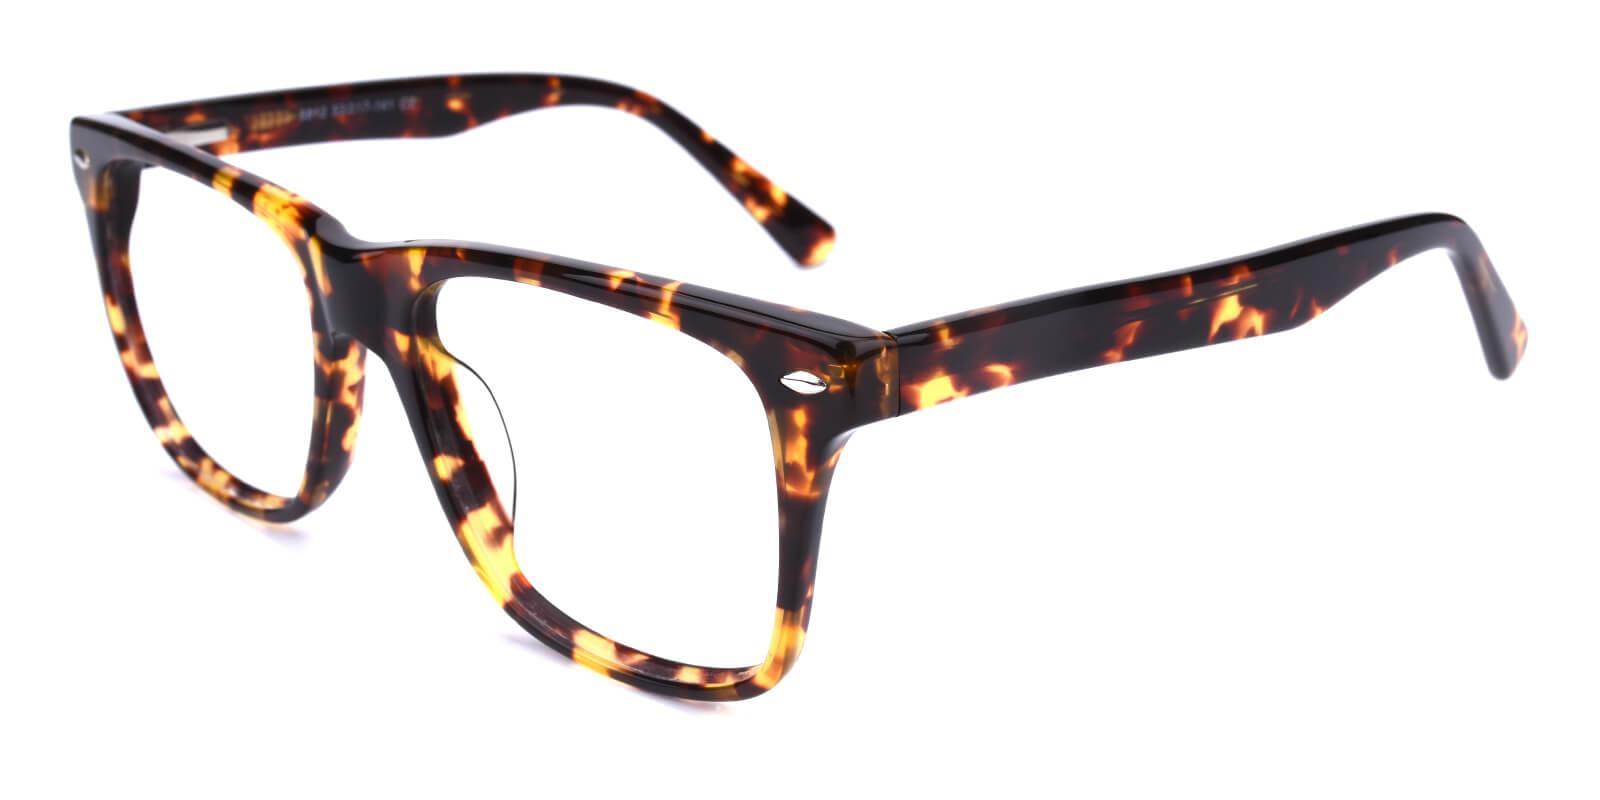 Bridinry-Tortoise-Square-Acetate-Eyeglasses-additional1